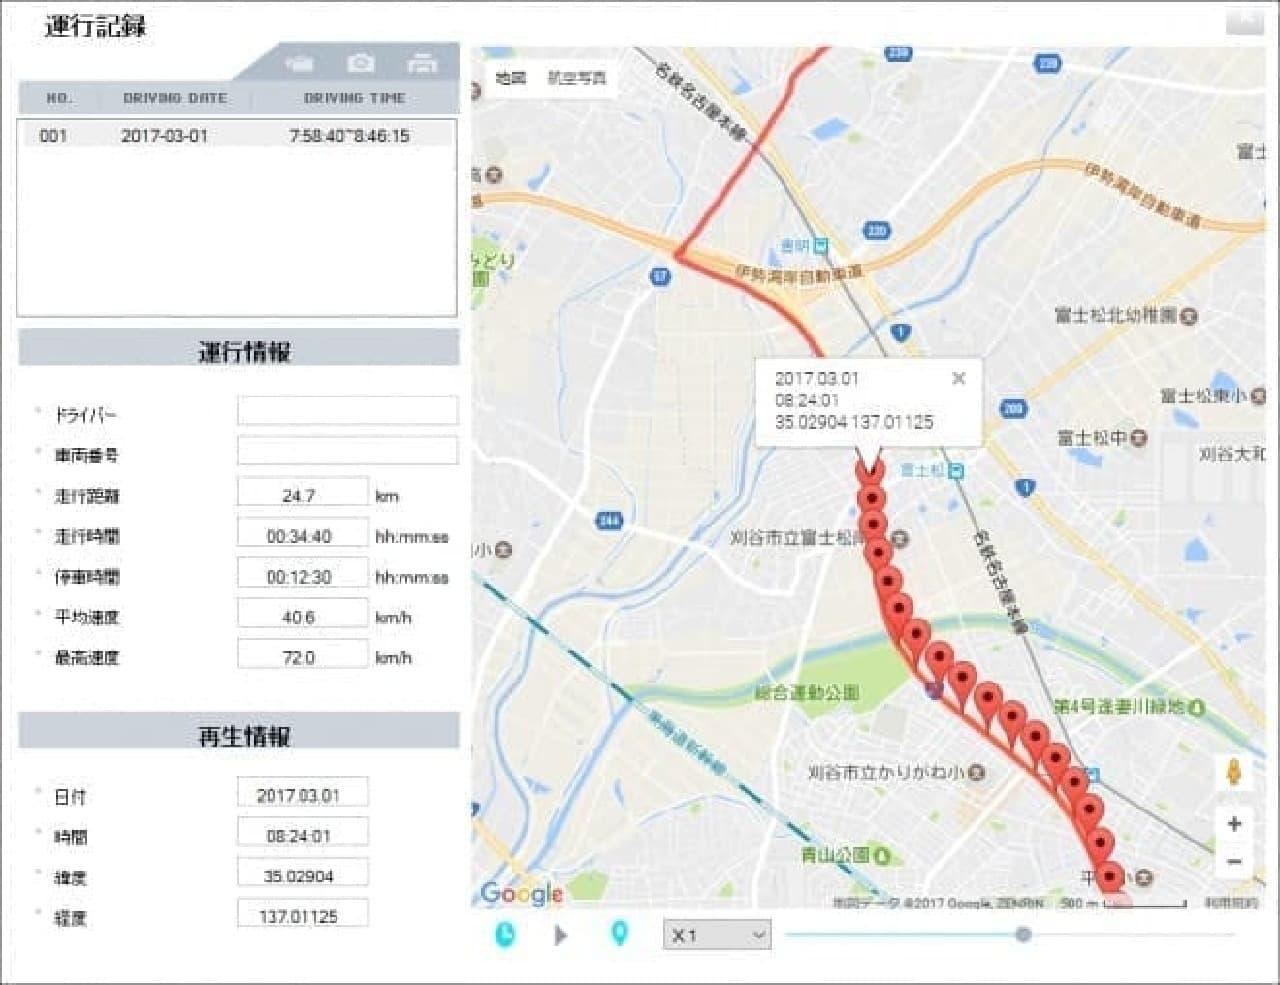 GPS機器と接続したうえで記録したデータ